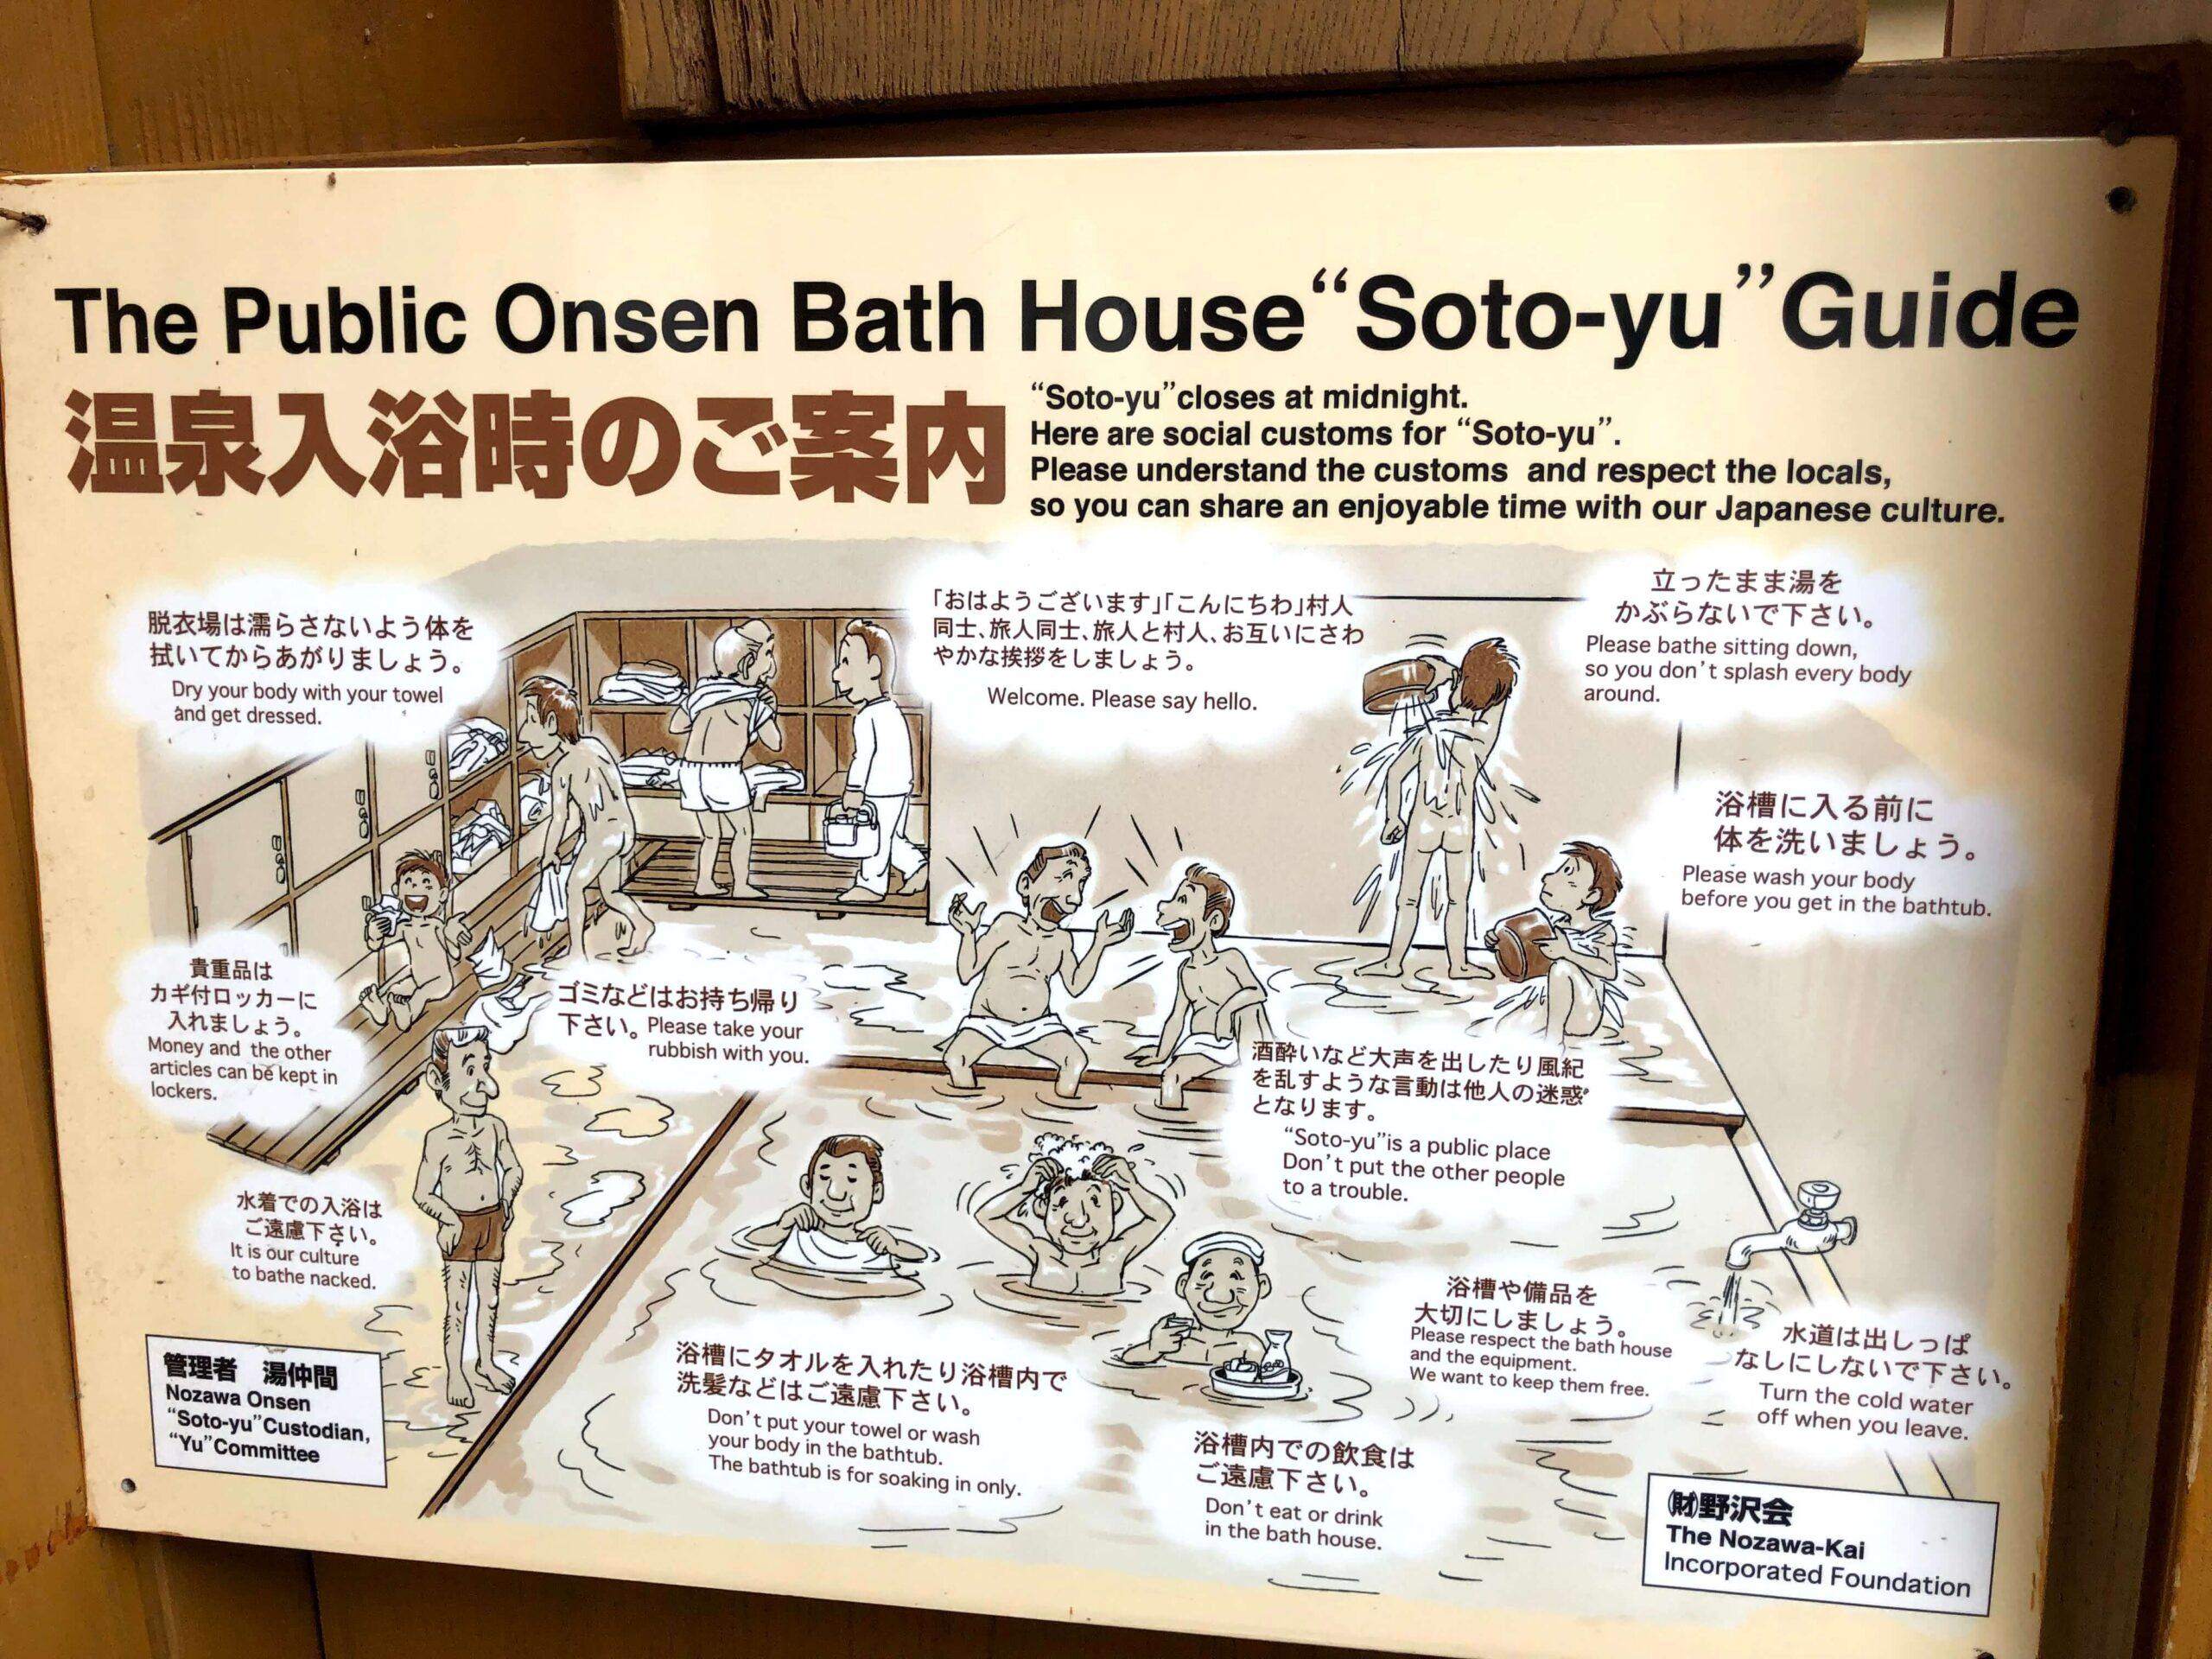 野沢温泉 外湯のマナー